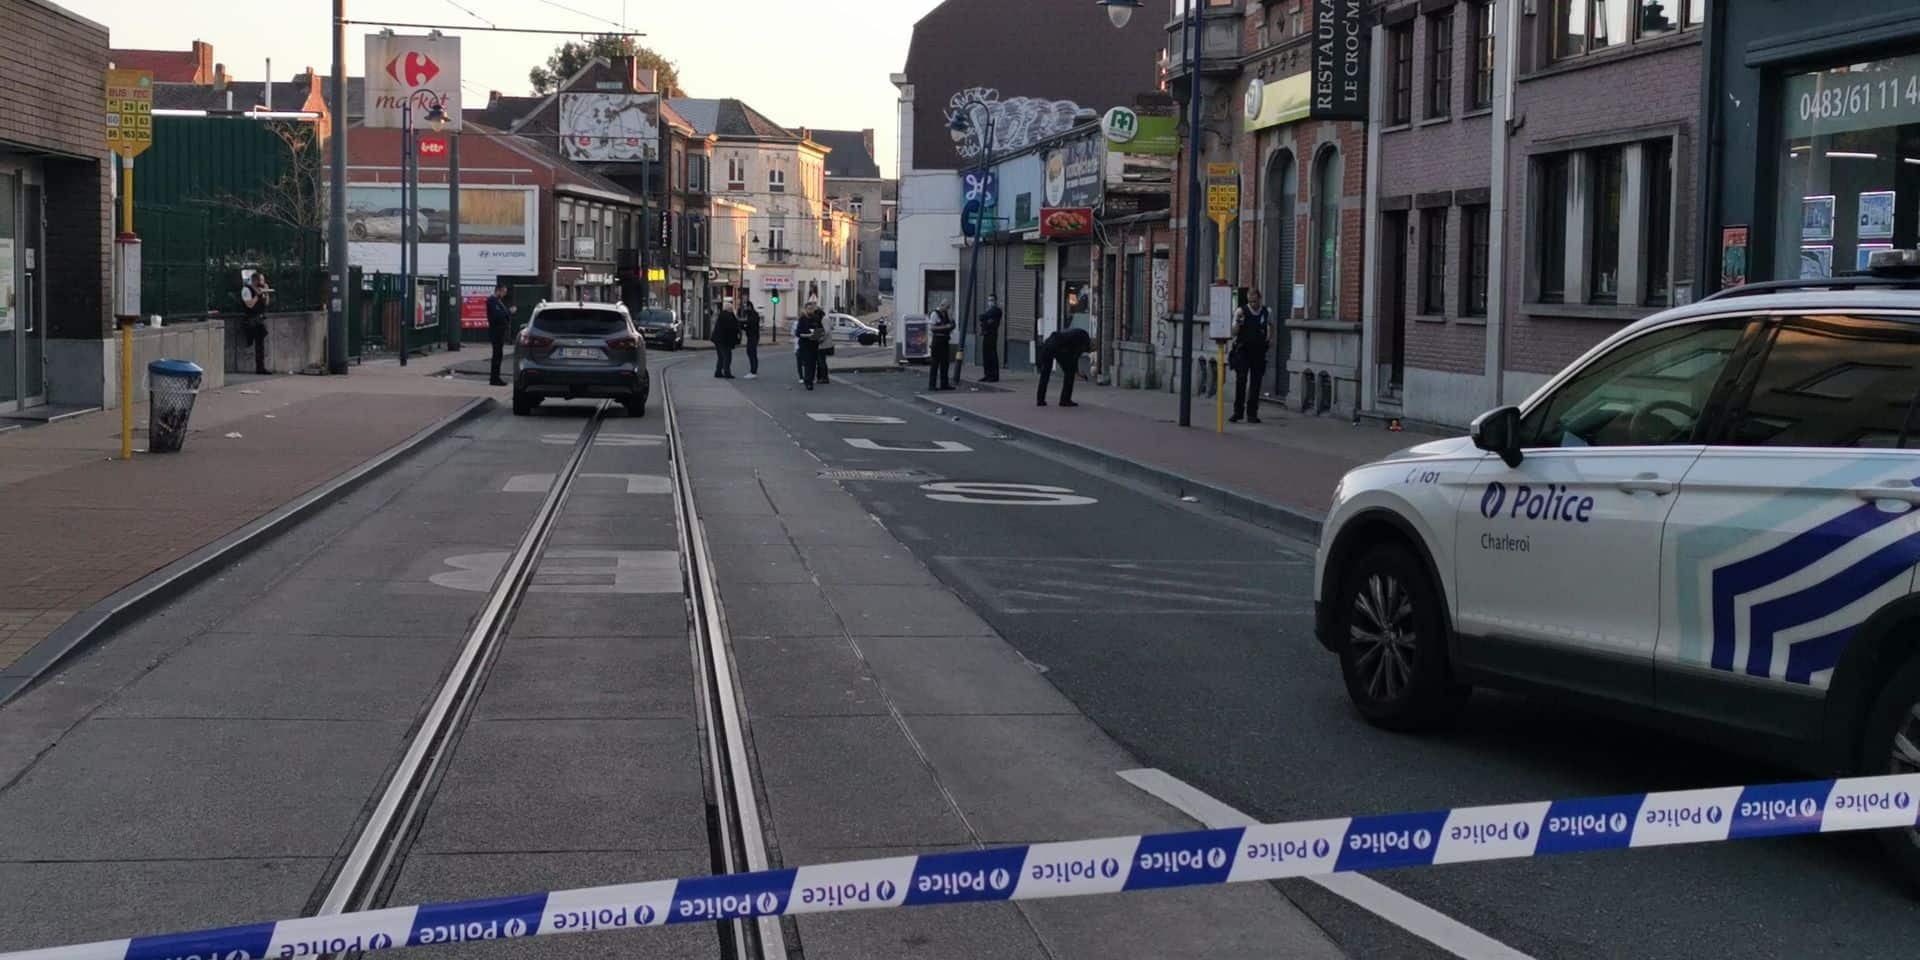 Altercation en pleine rue et plusieurs coups de feu tirés: une personne grièvement blessée